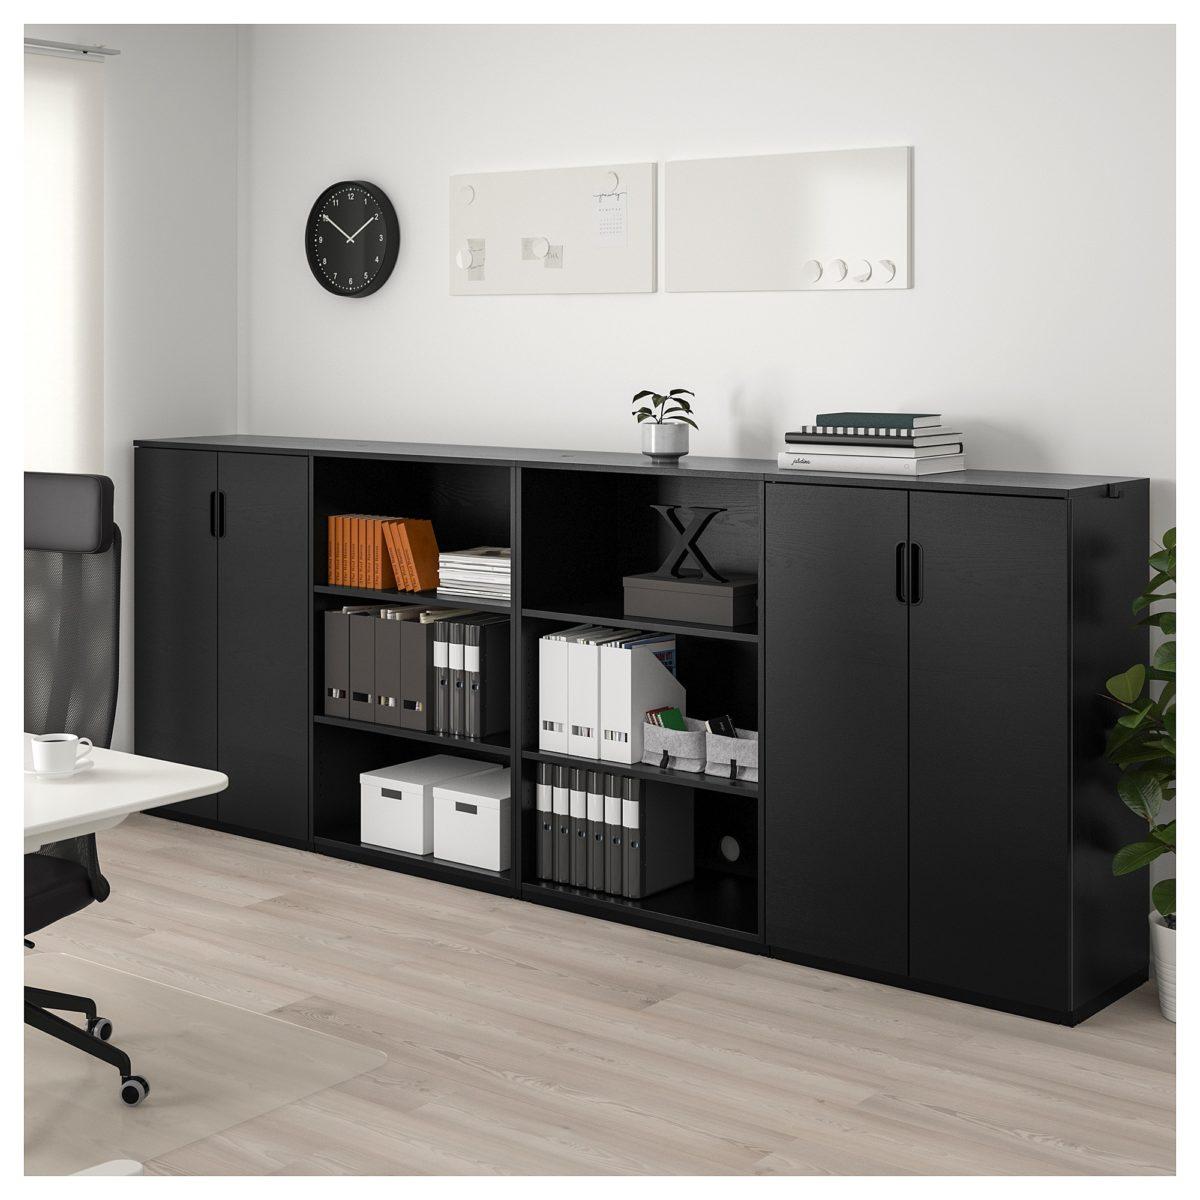 Ikea catalogo ufficio 2019 for Catalogo di mobili